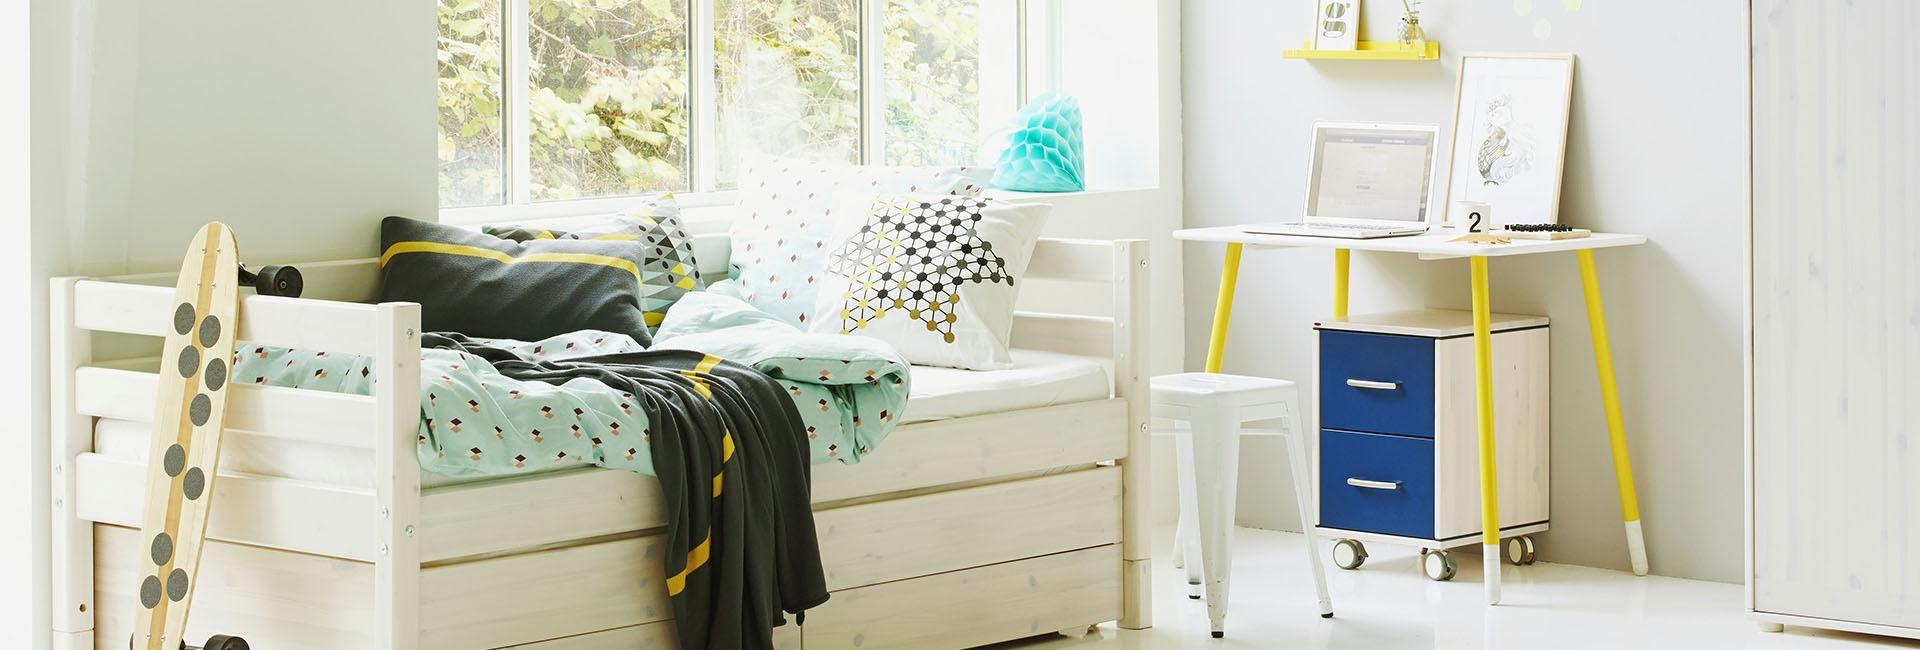 Kinderzimmer-Möbel bei Möbel Kraft online kaufen